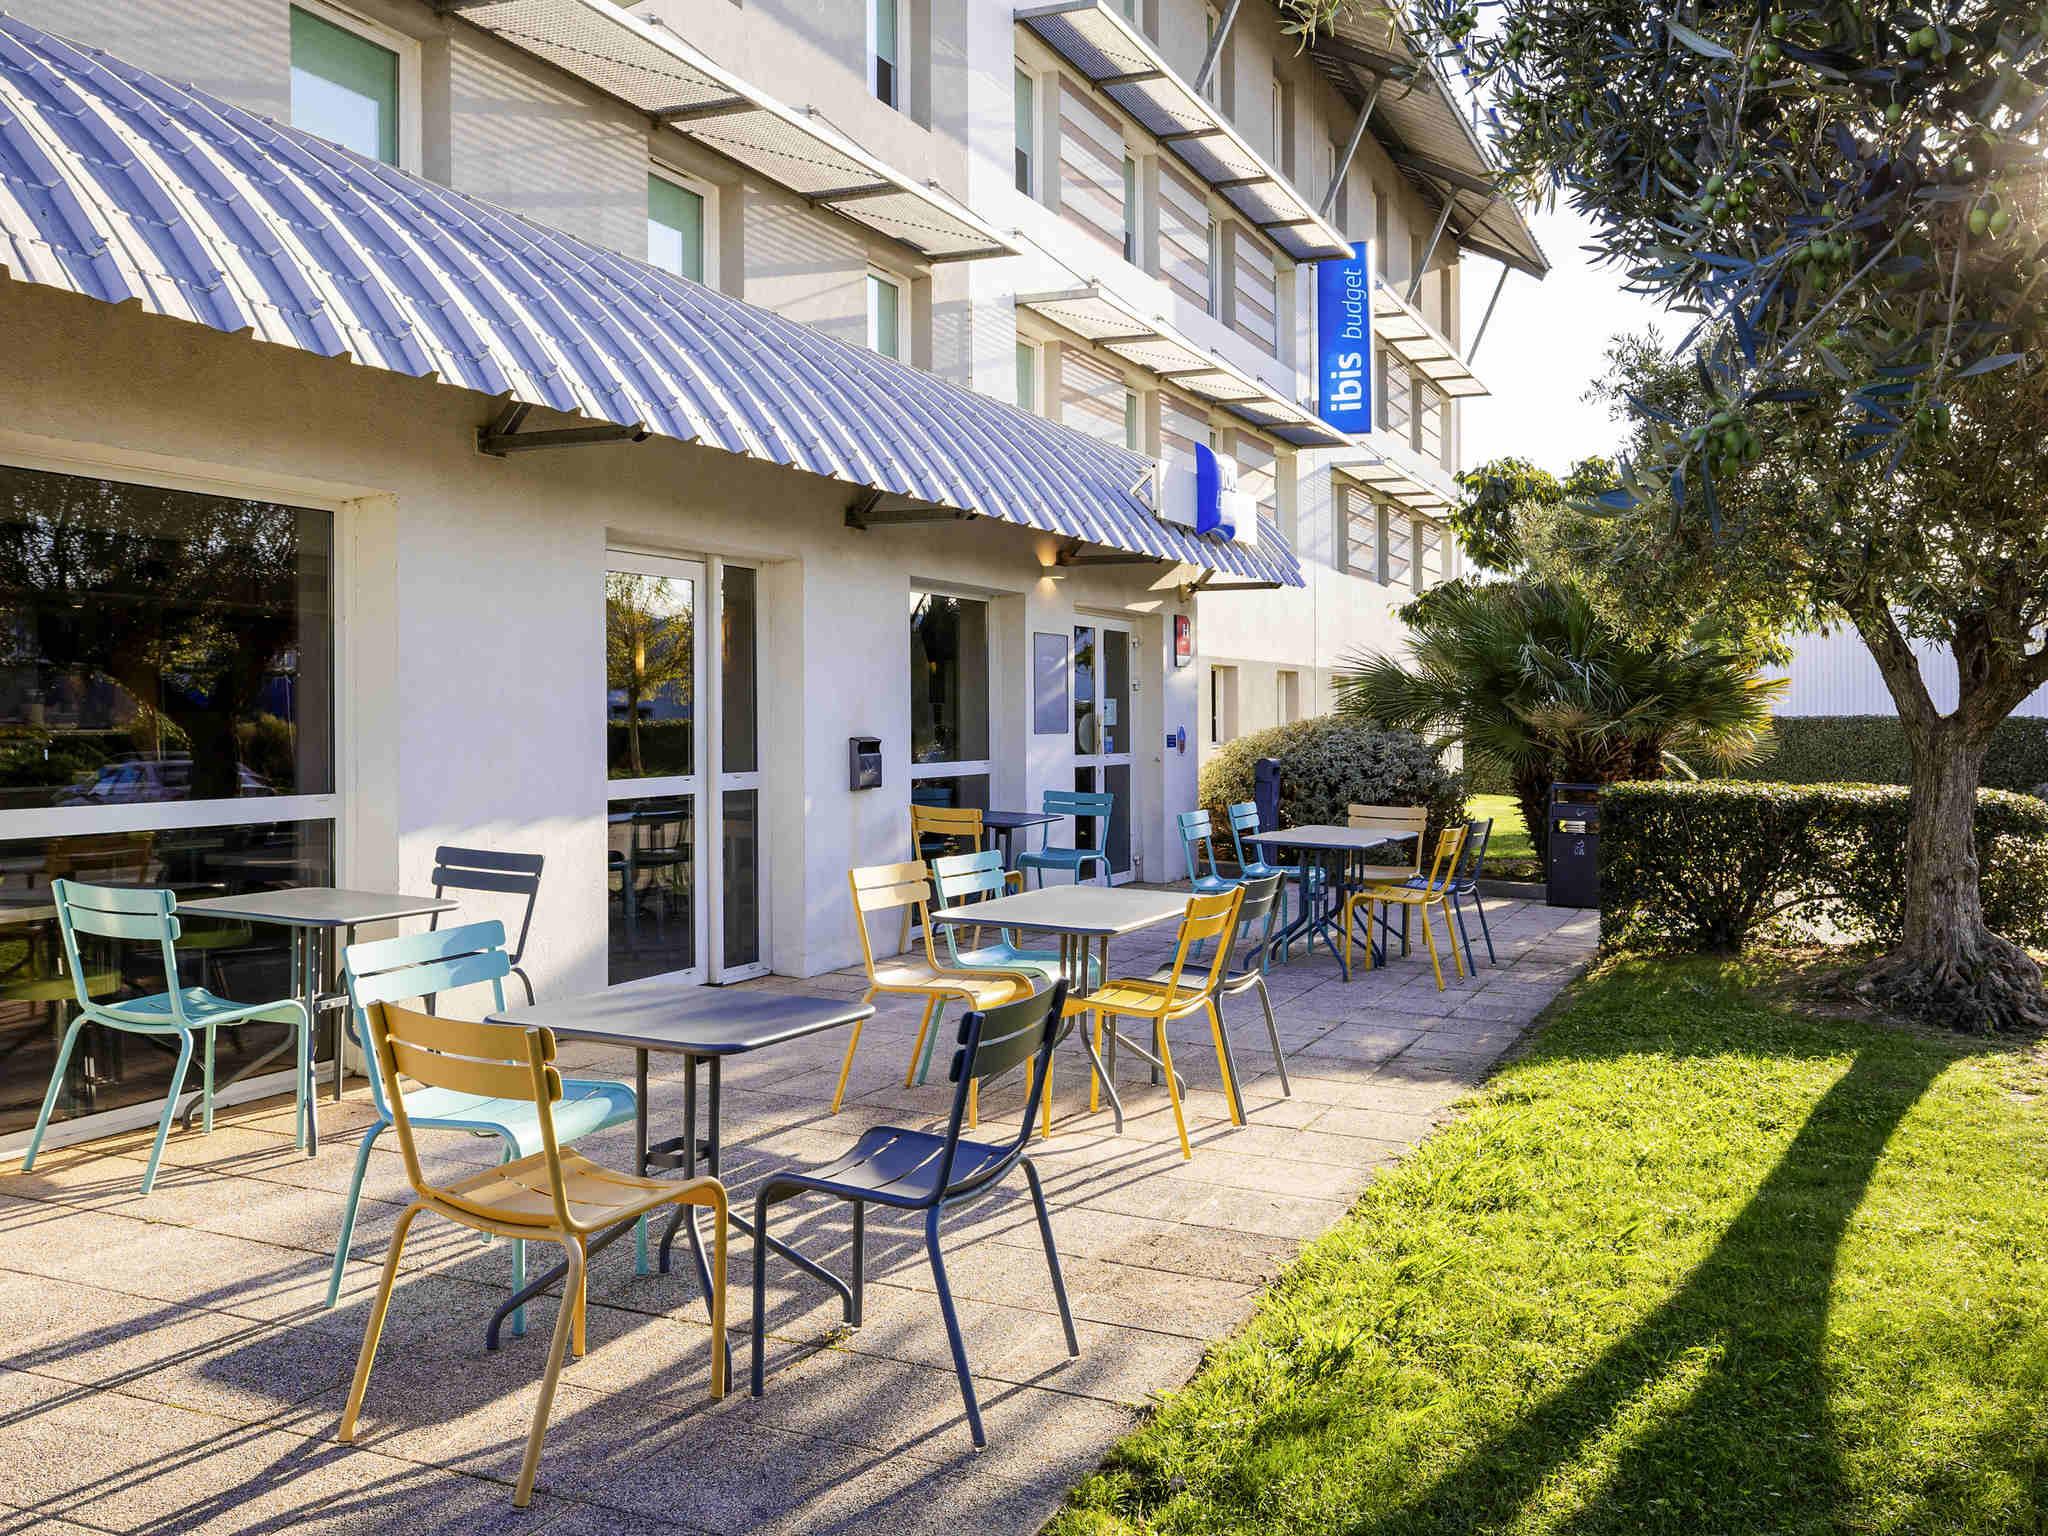 ホテル – イビスバジェットカルカッソンヌエアロポール